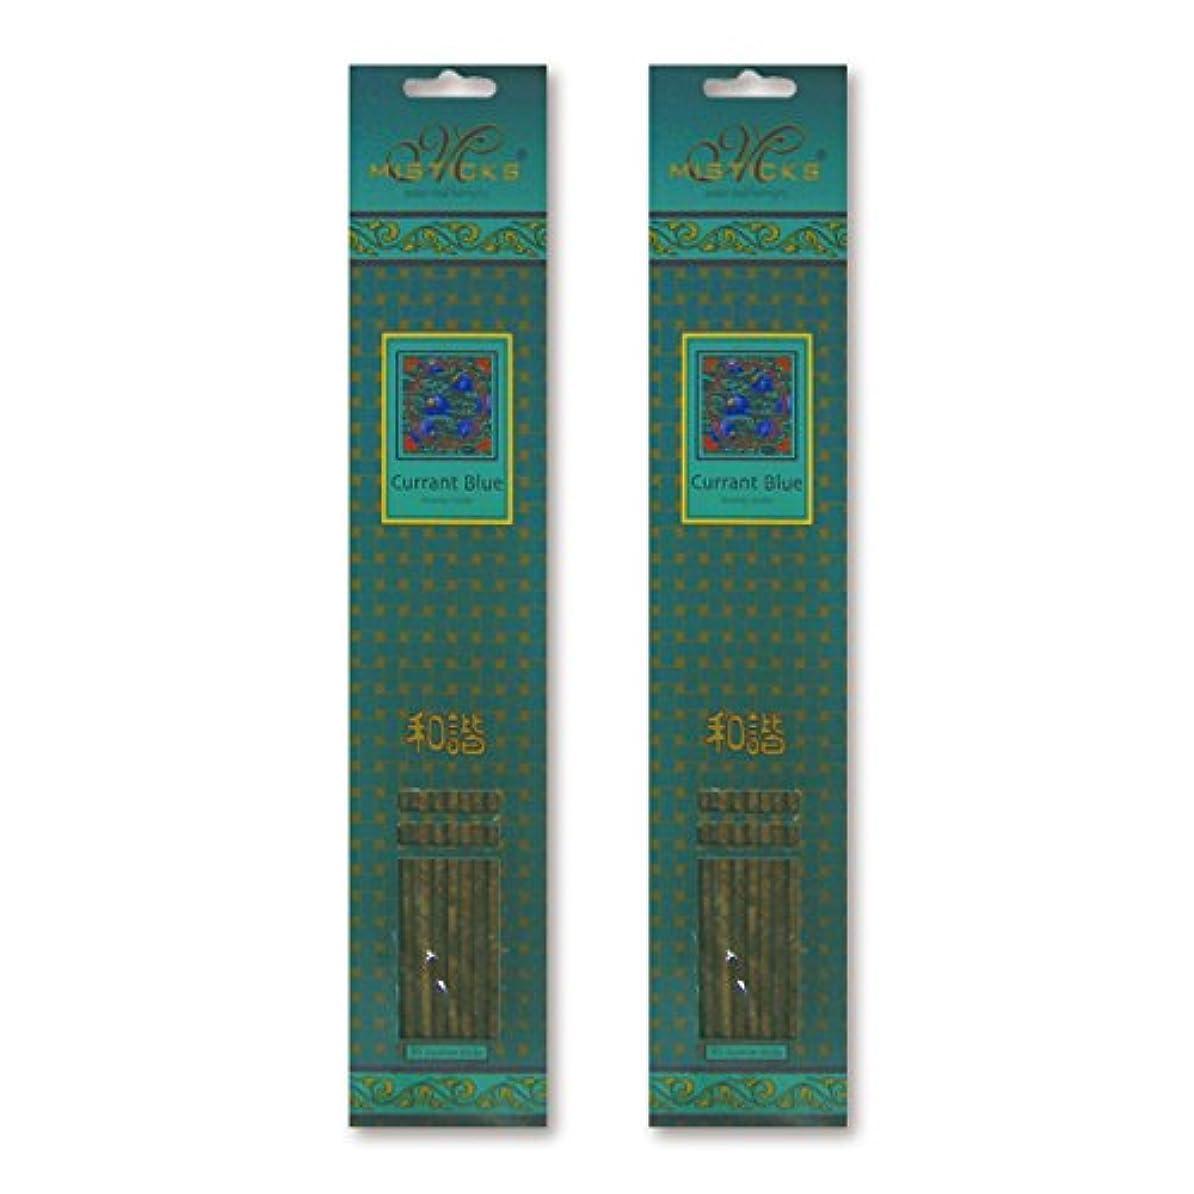 有益振動させるまぶしさMISTICKS ミスティックス Currant Blue カラントブルー お香 20本 X 2パック (40本)